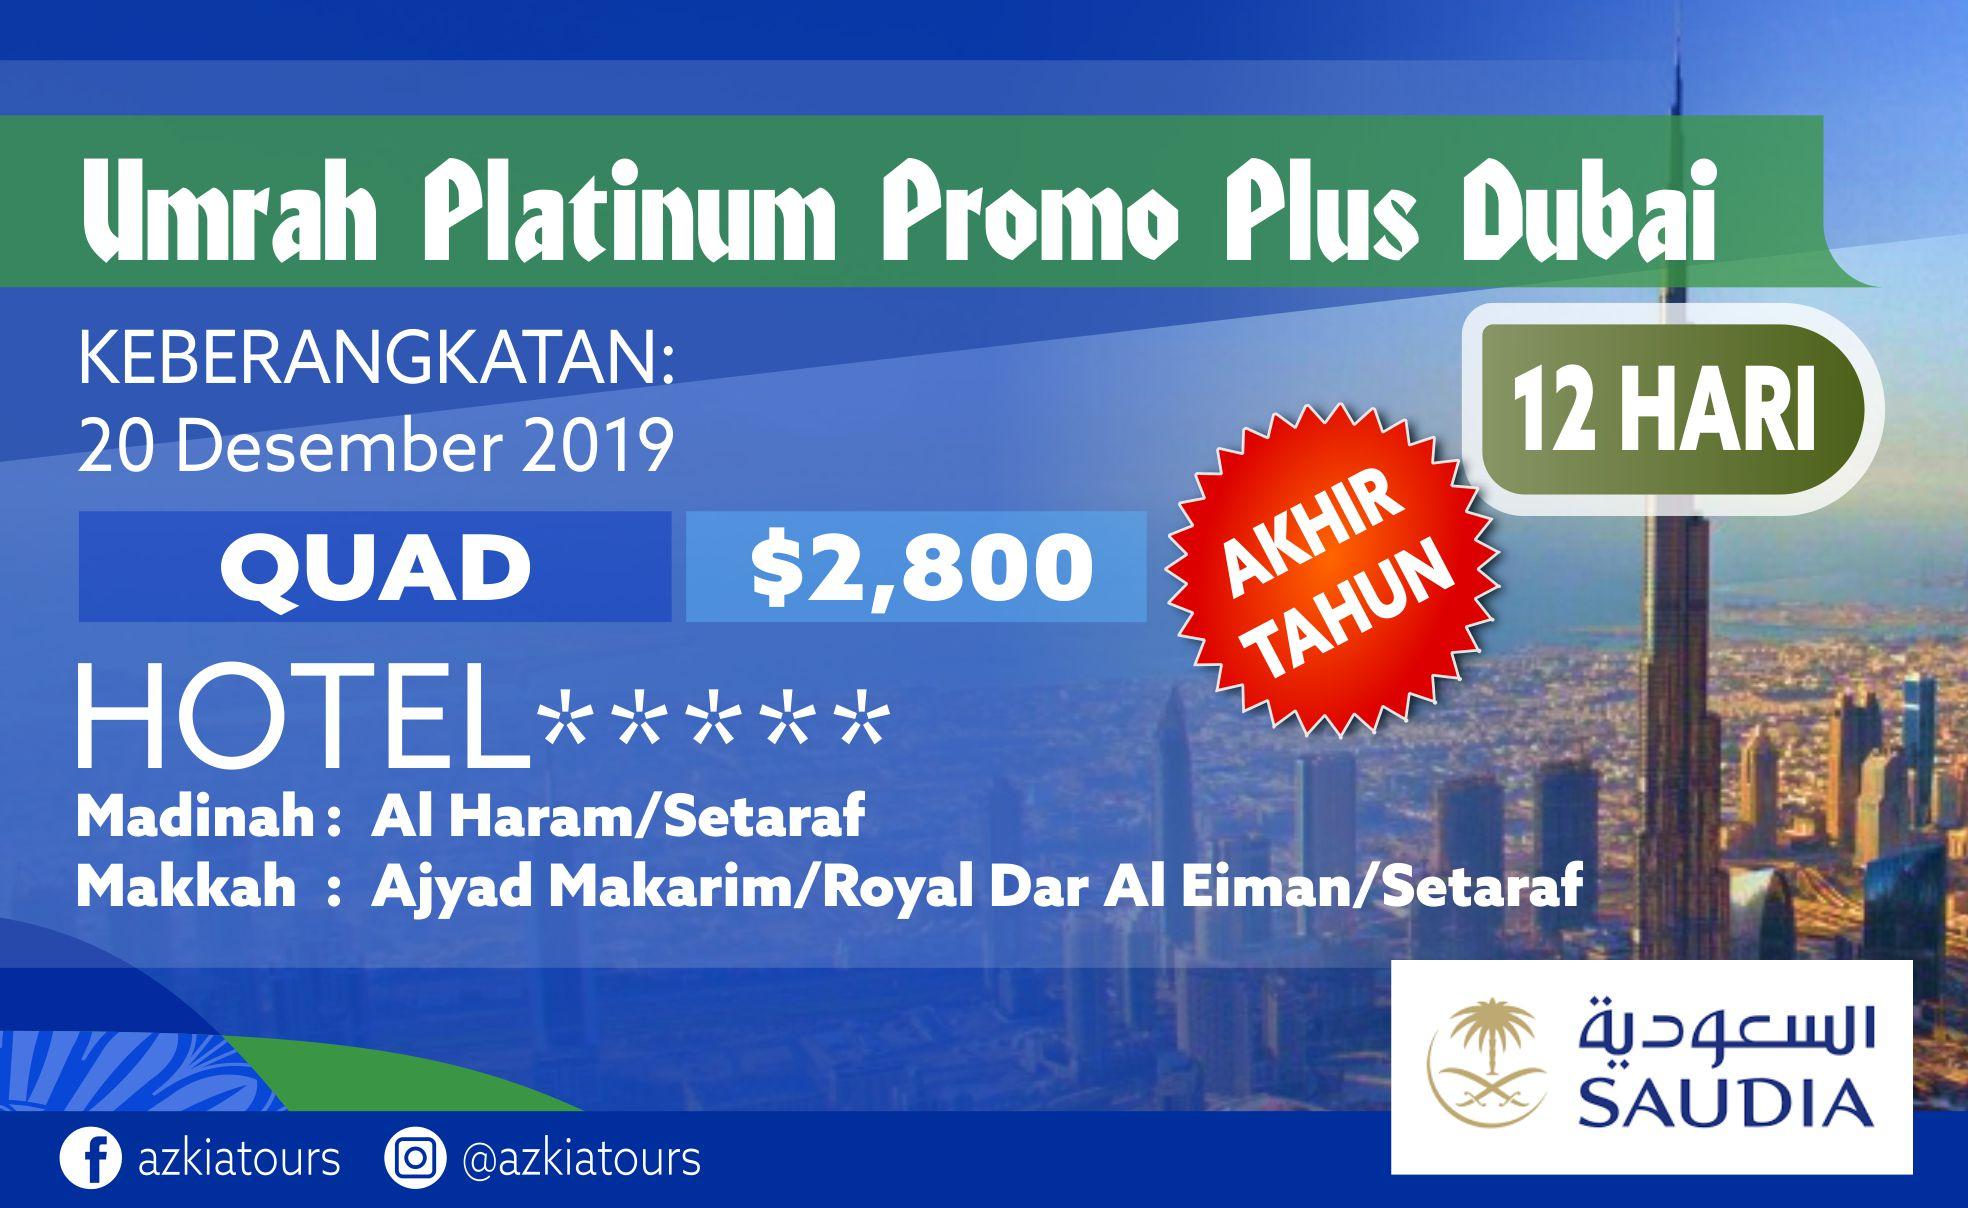 Umrah Platinum Promo Plus Dubai